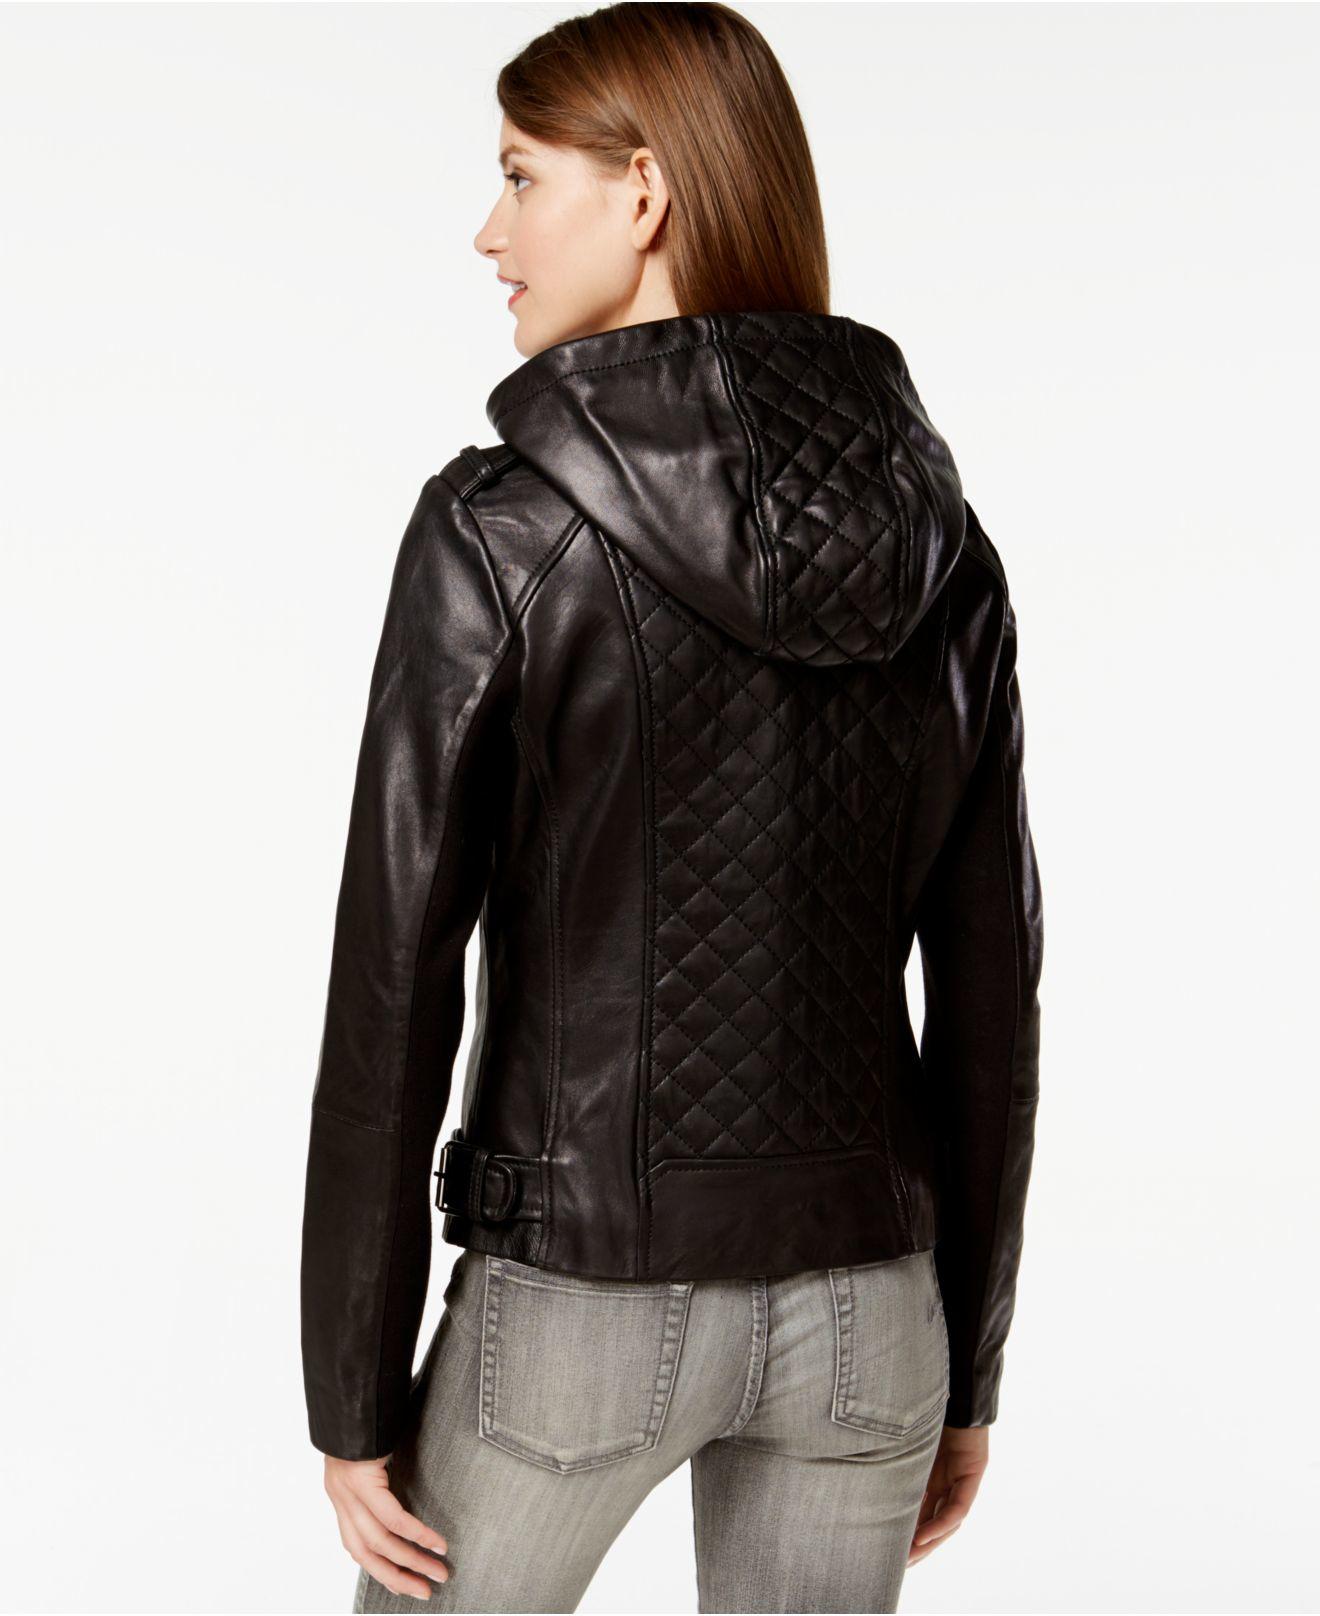 e0bc0781085 Michael Kors Hooded Leather Moto Jacket - Cairoamani.com